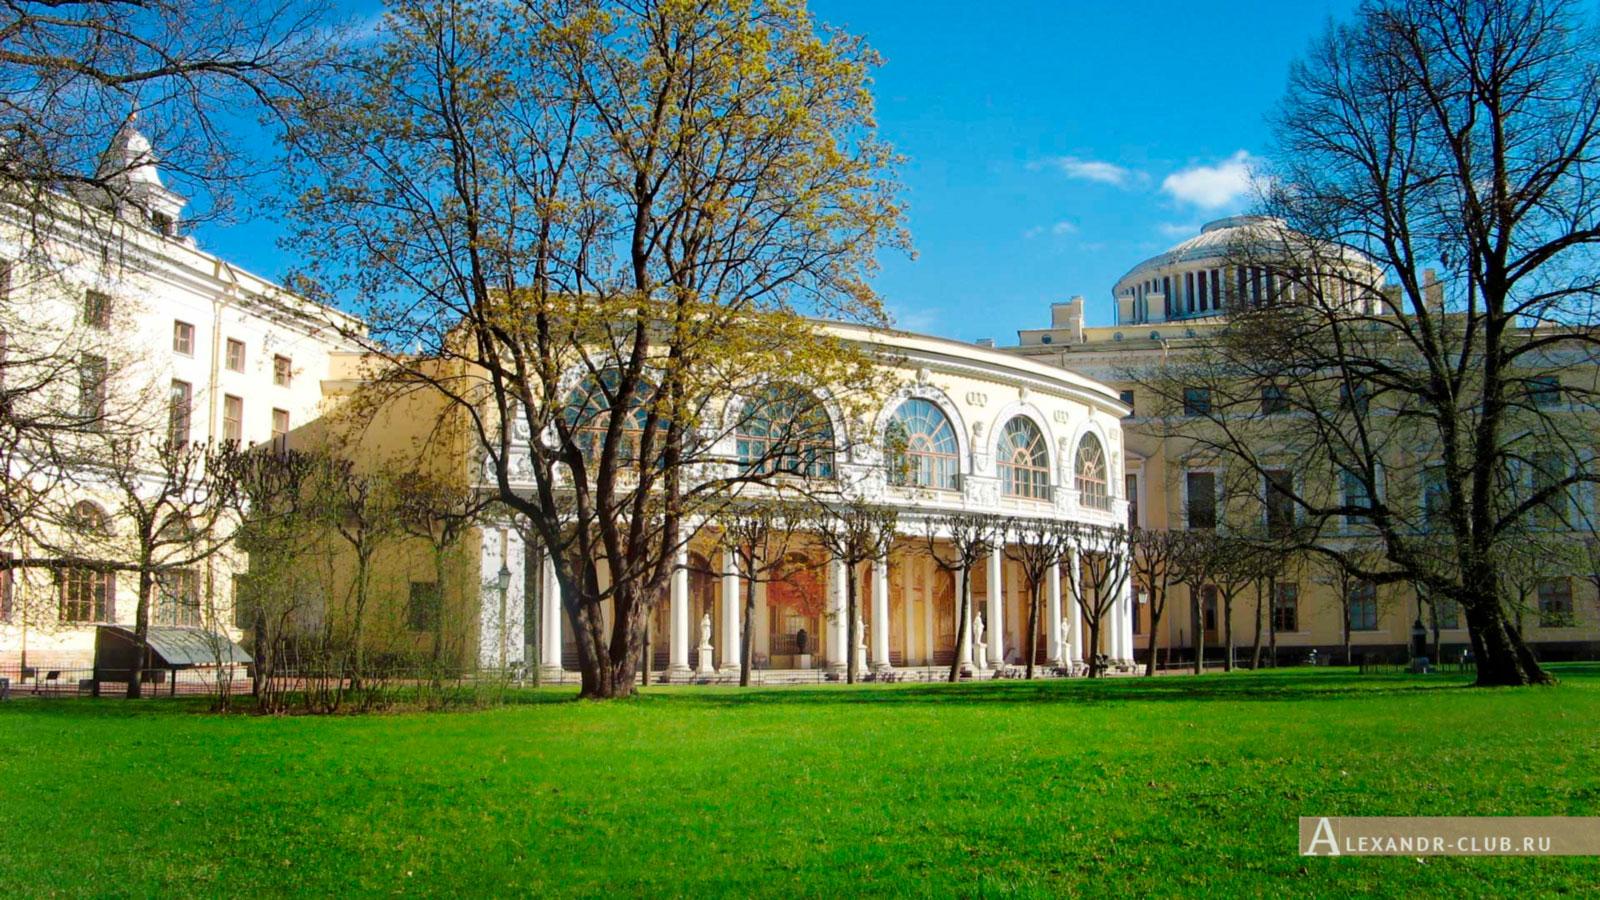 Павловский парк, весна, Павловский дворец – 1